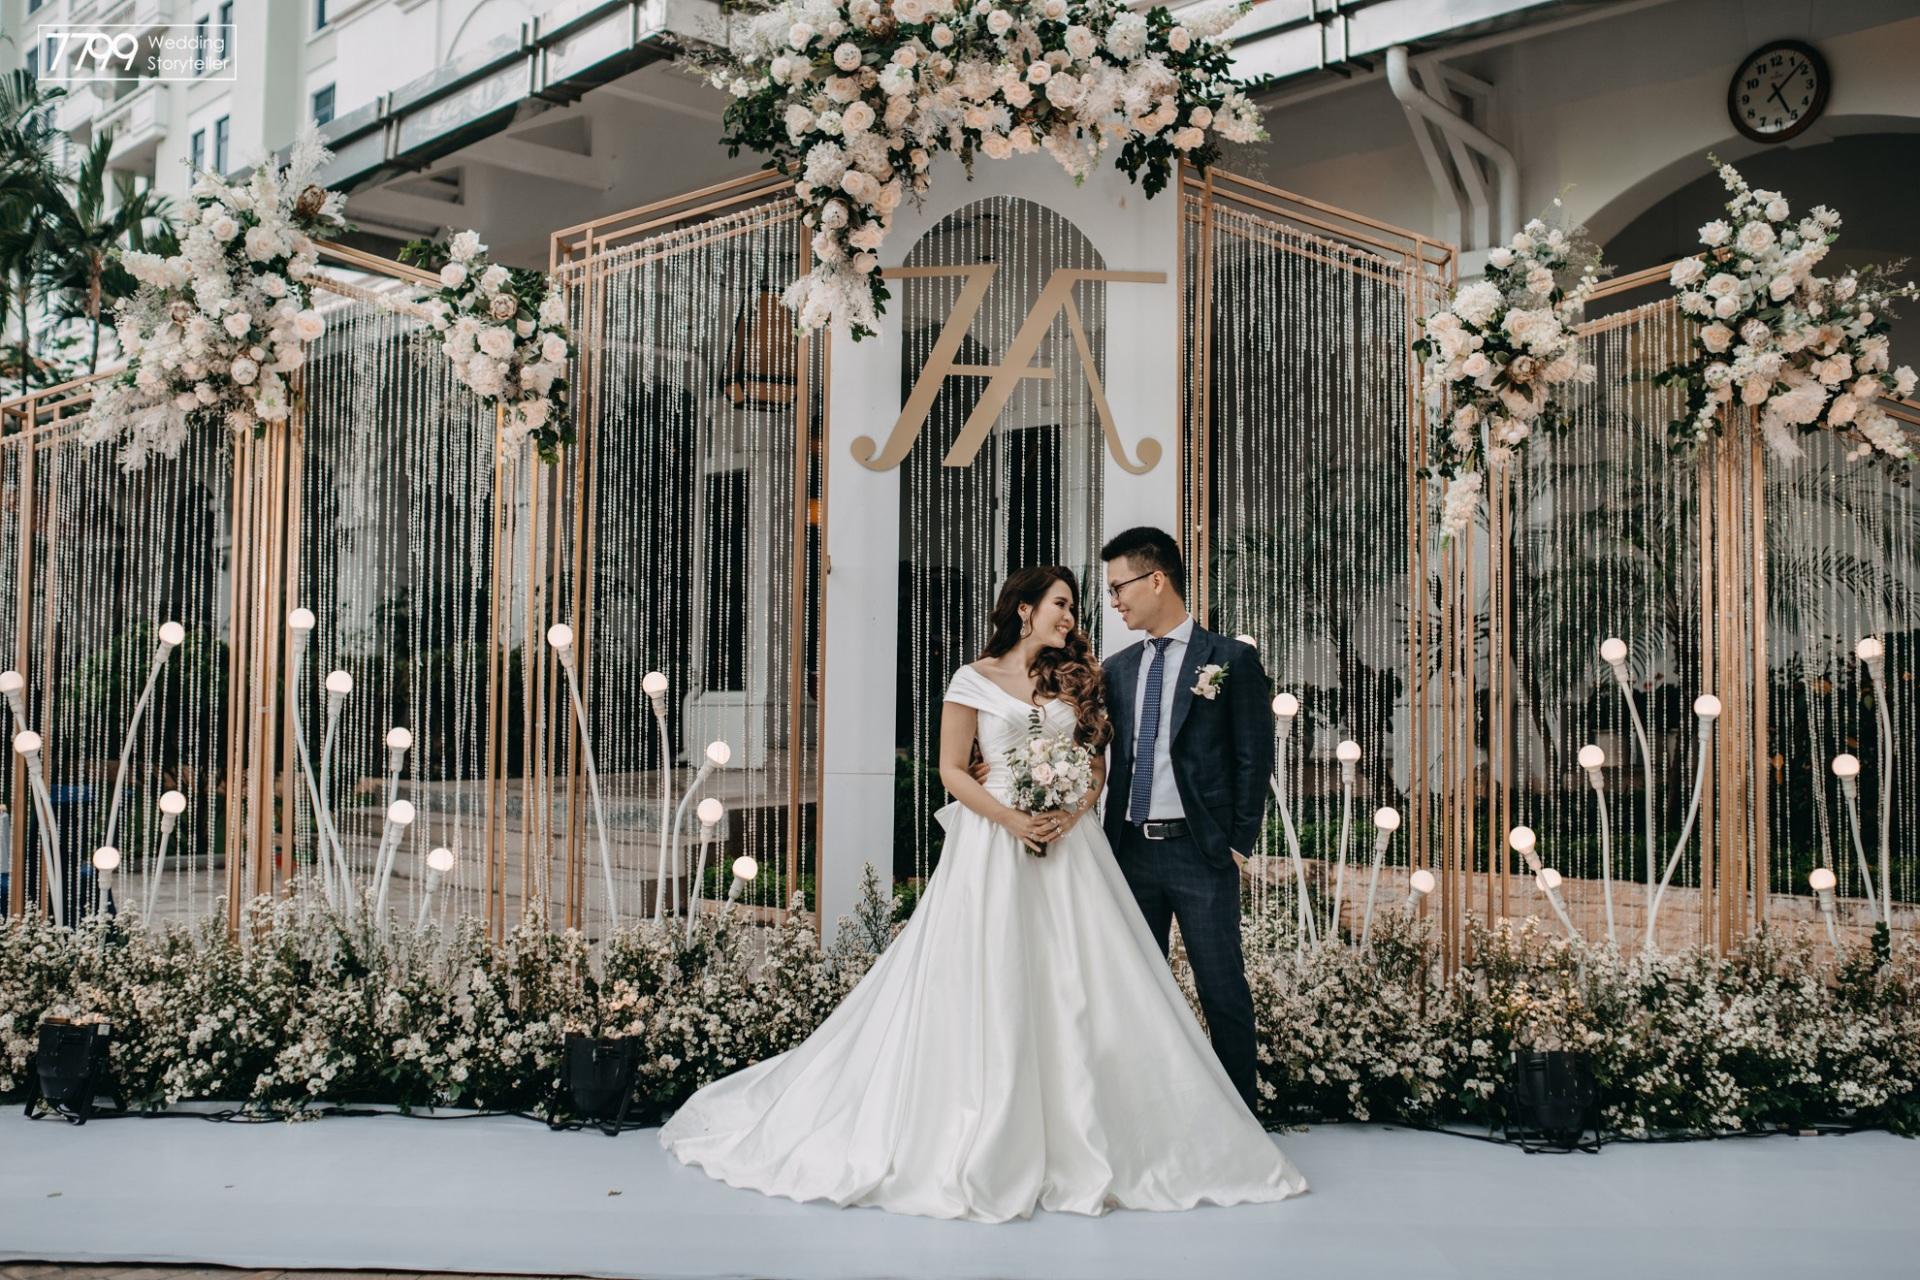 Tiệc cưới ngoài trời - Xu hướng thời thượng của giới trẻ